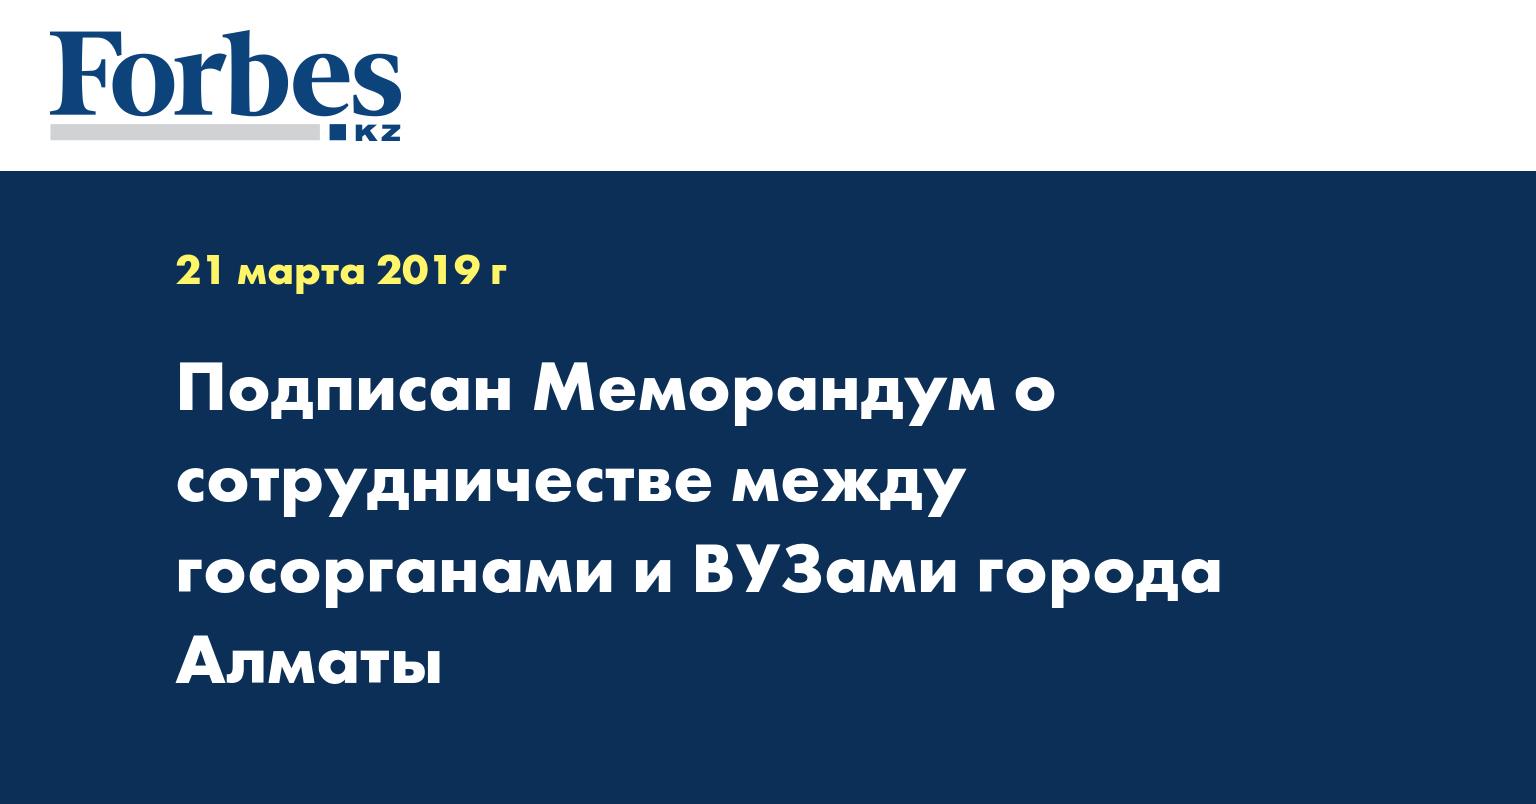 Подписан Меморандум о сотрудничестве между госорганами и ВУЗами города Алматы